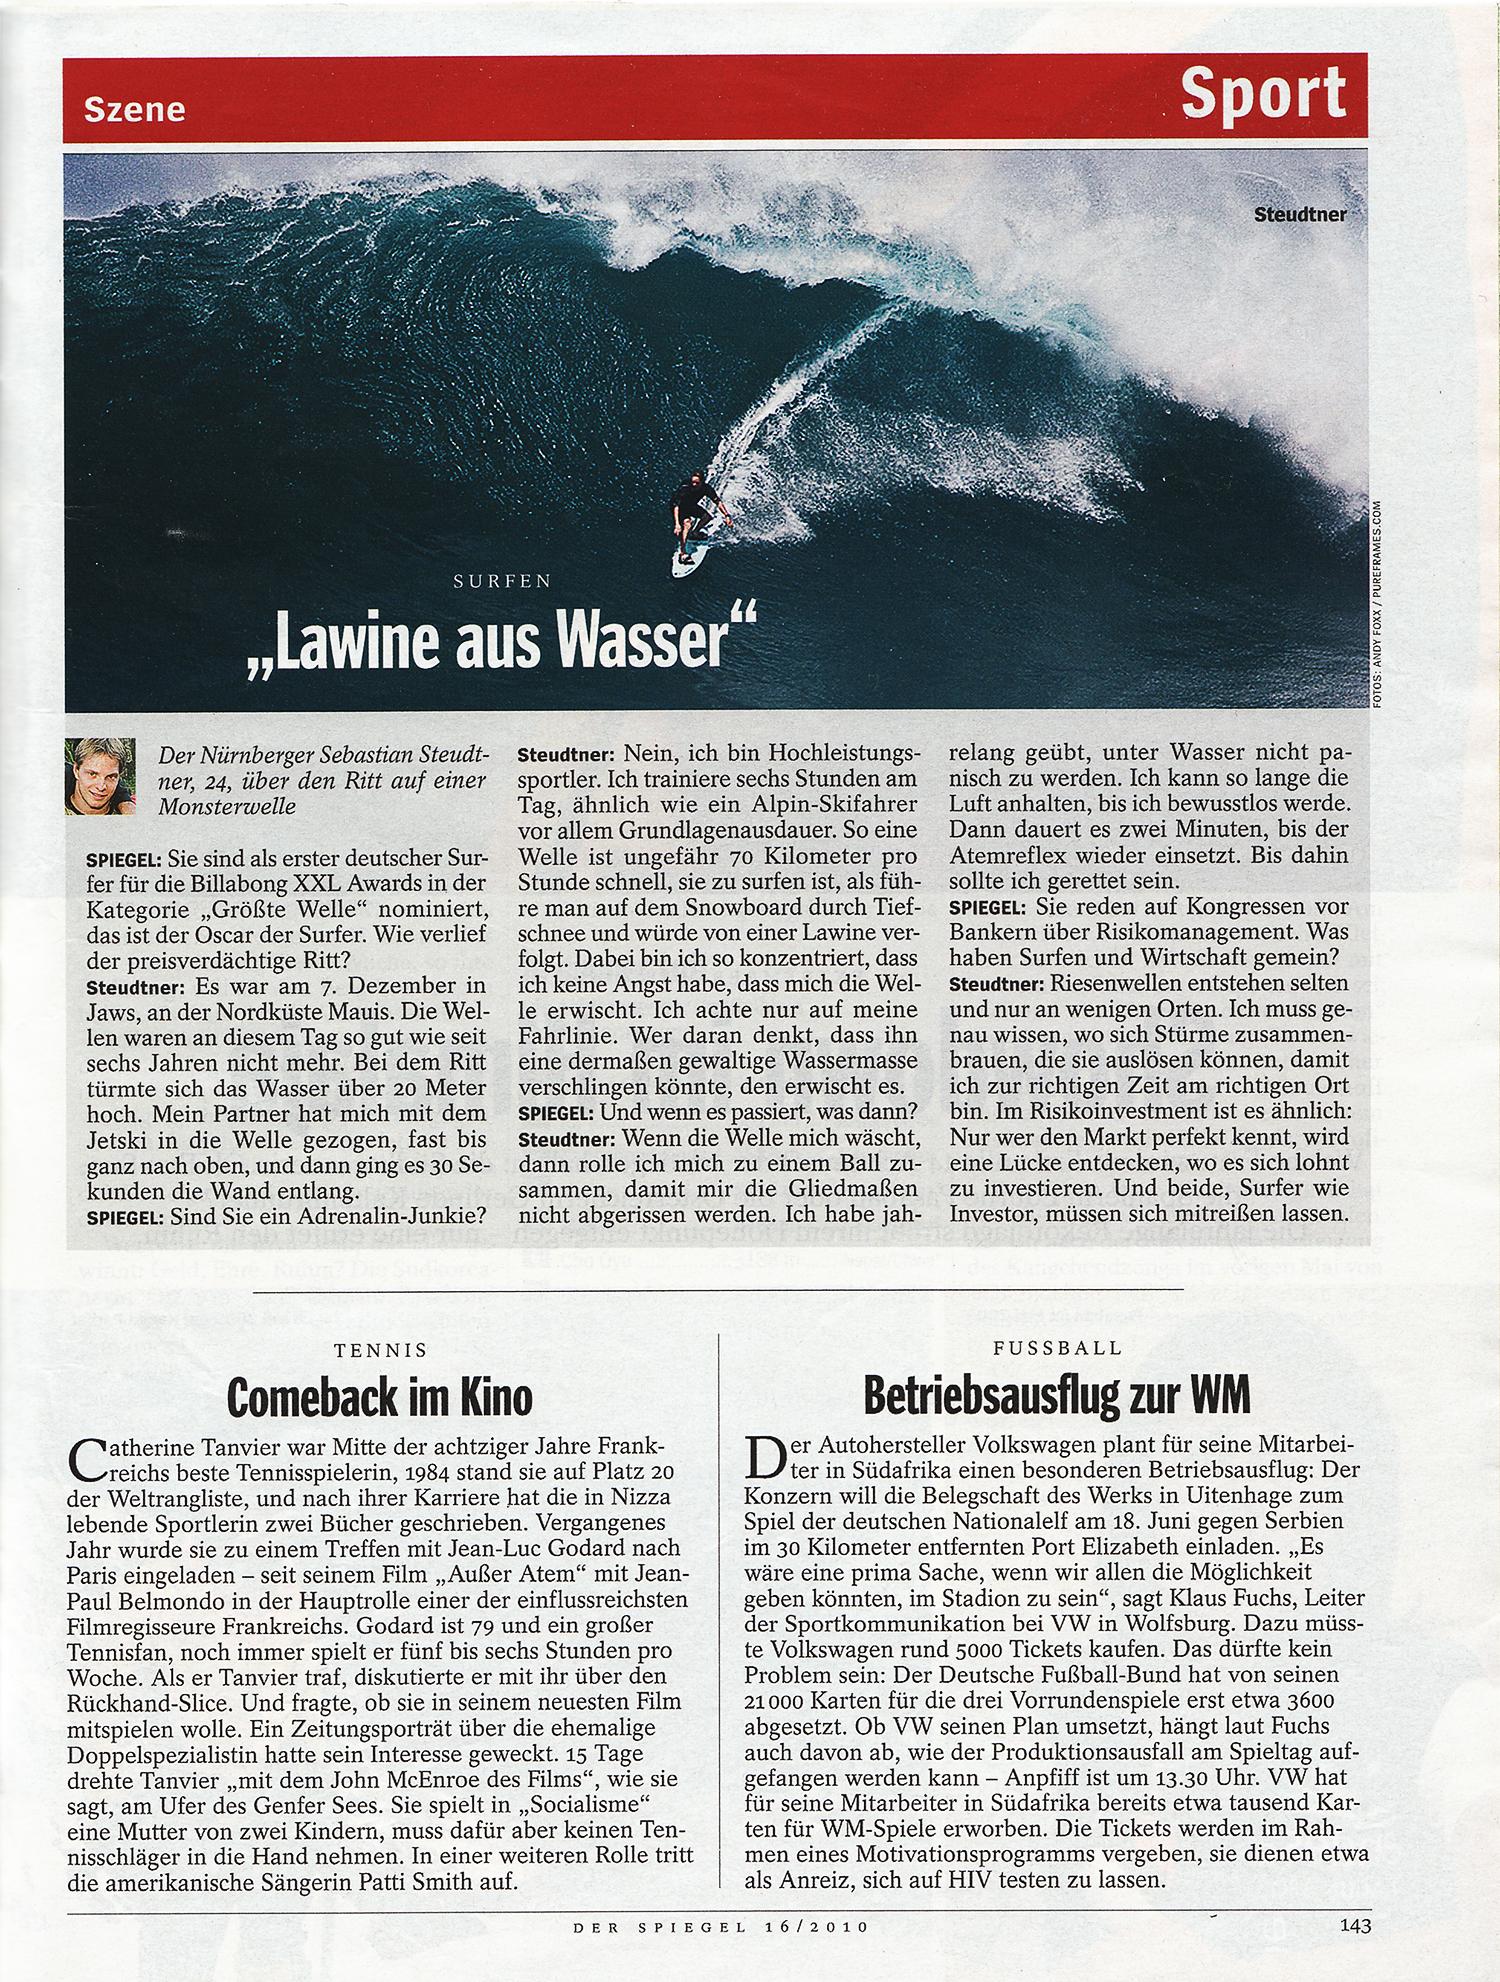 2010-04_DerSpiegel-Inhalt01_A4-300dpi.jpg